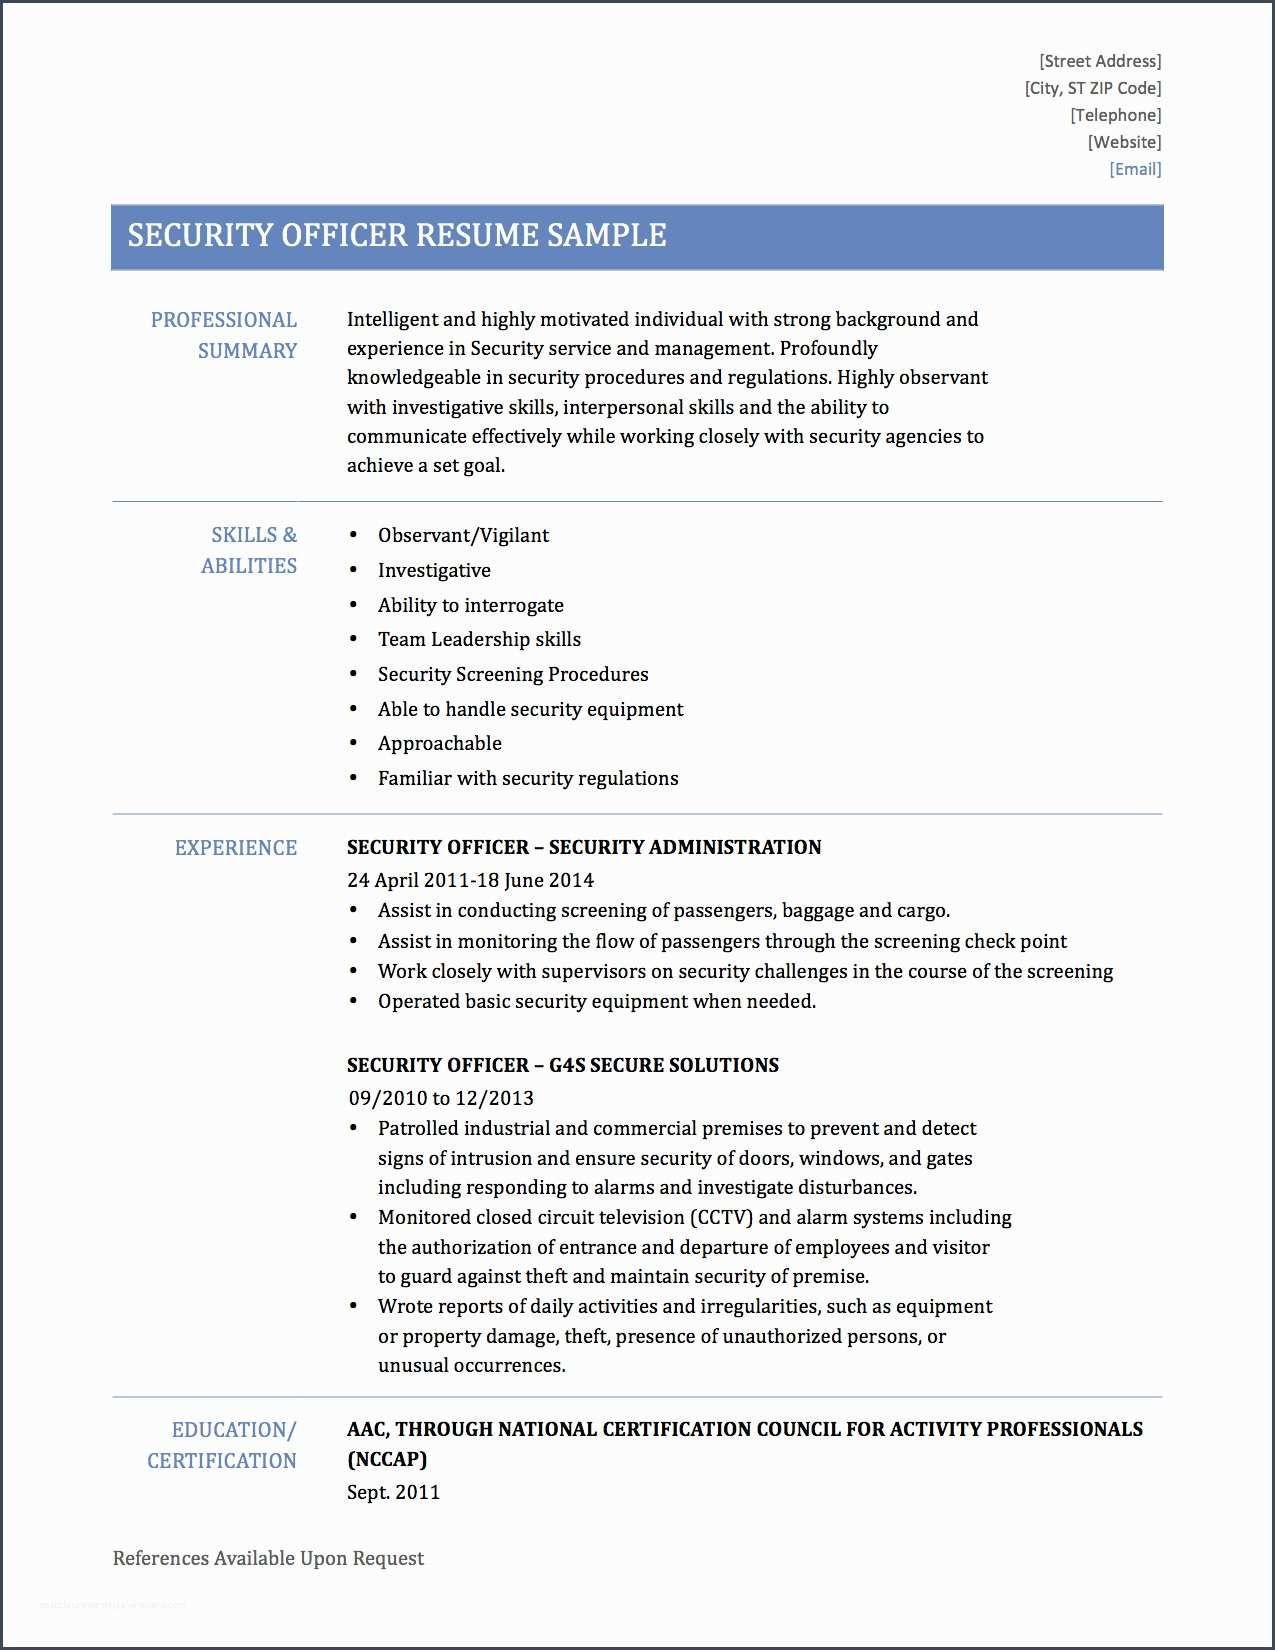 bestsecurity resume sample